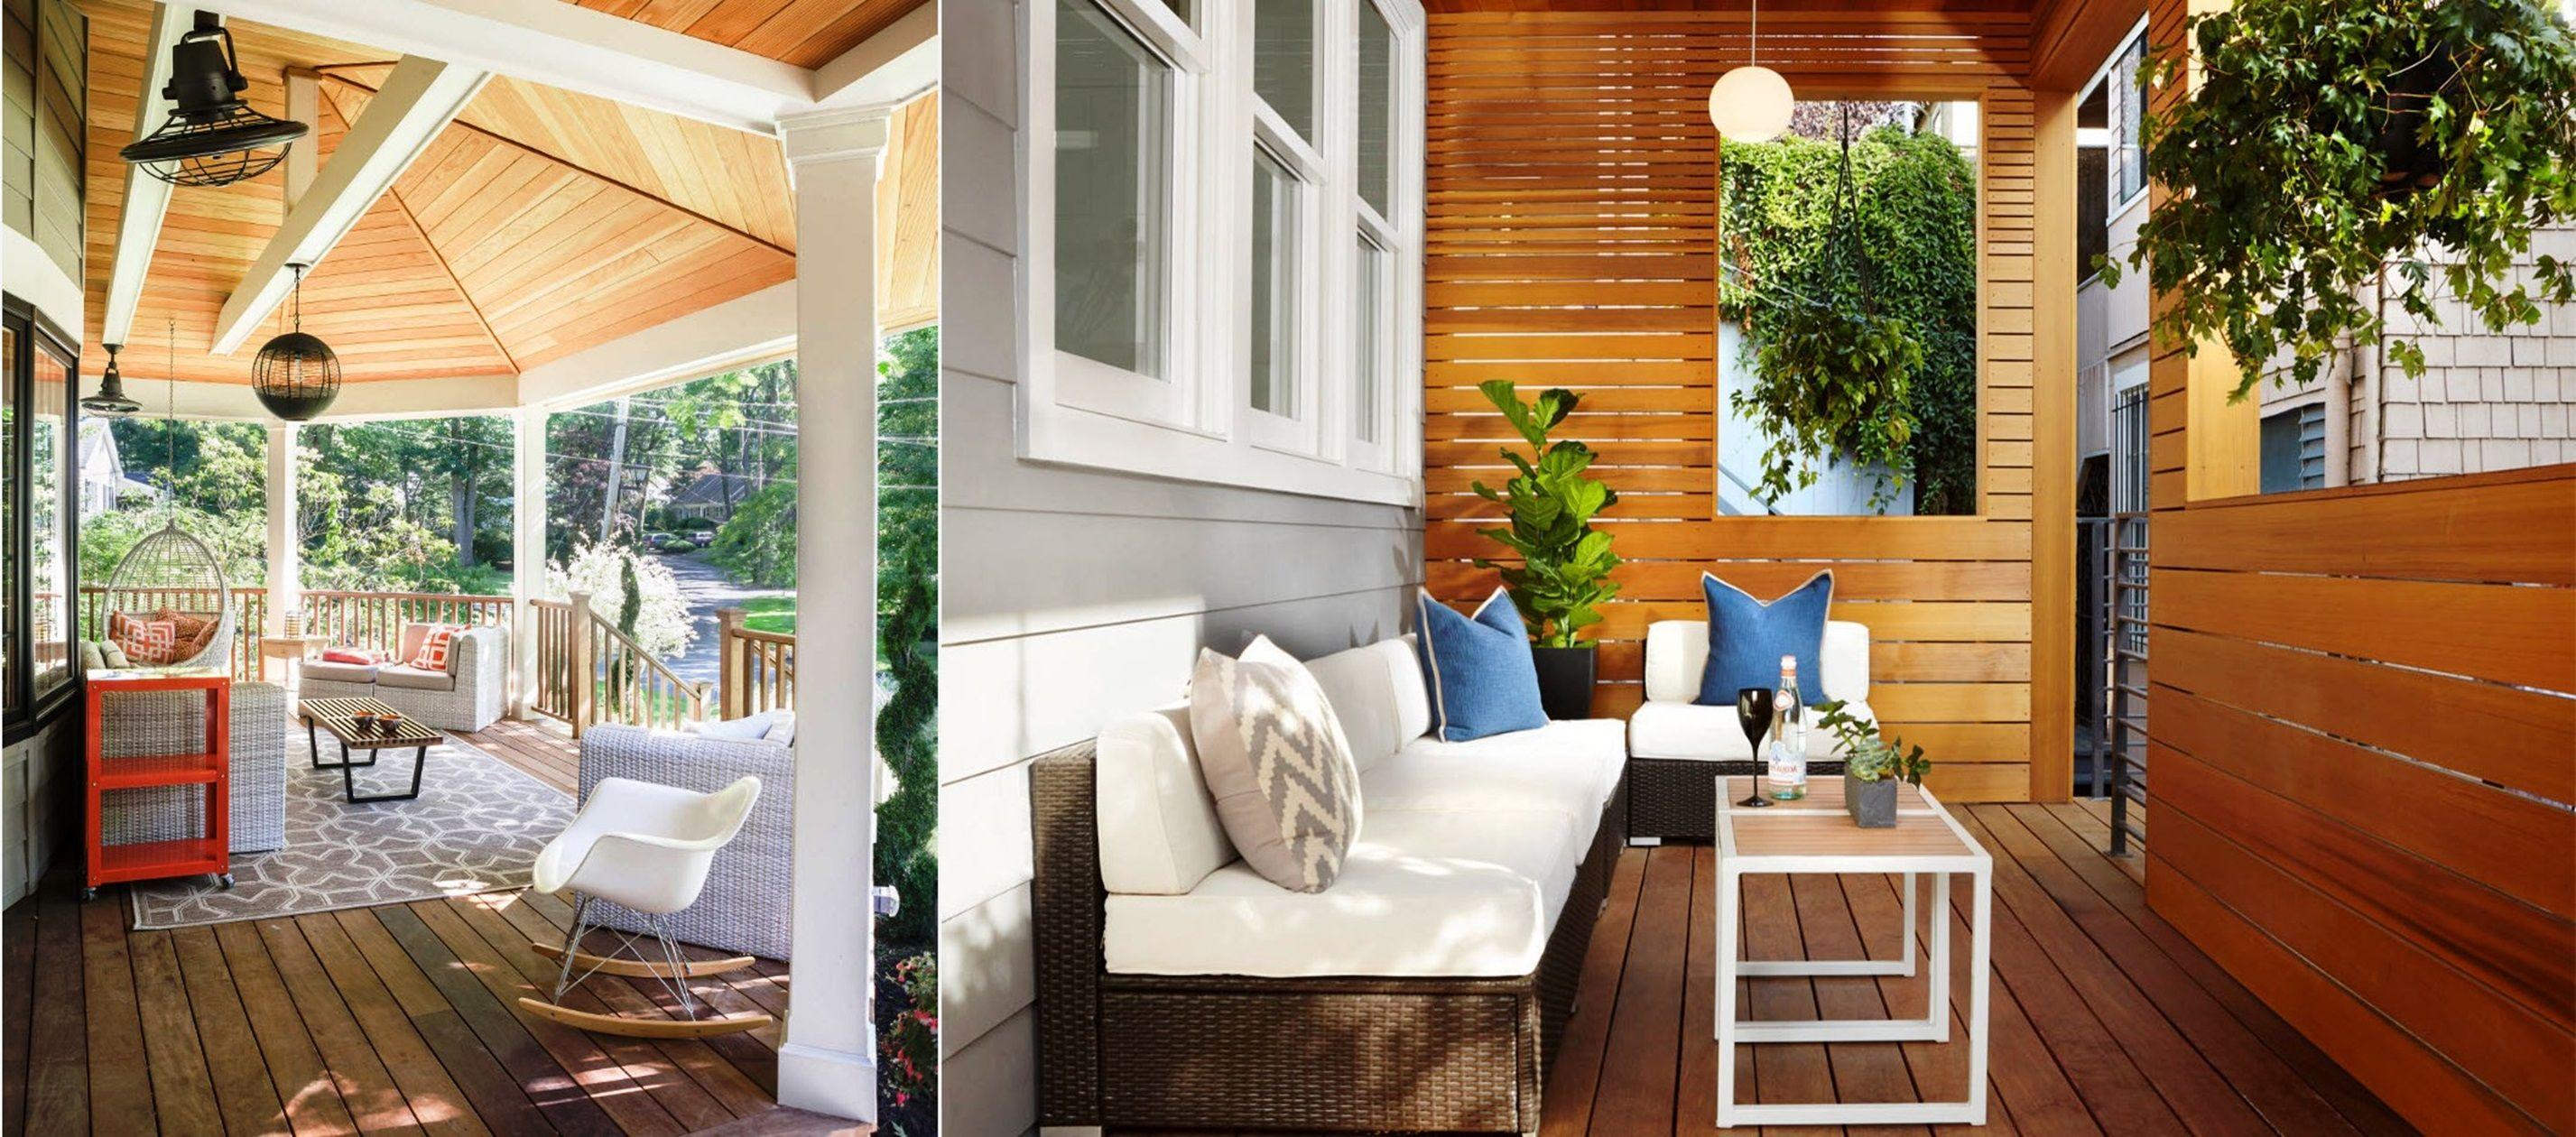 Дизайн веранды частного дома своими руками фото фото 724